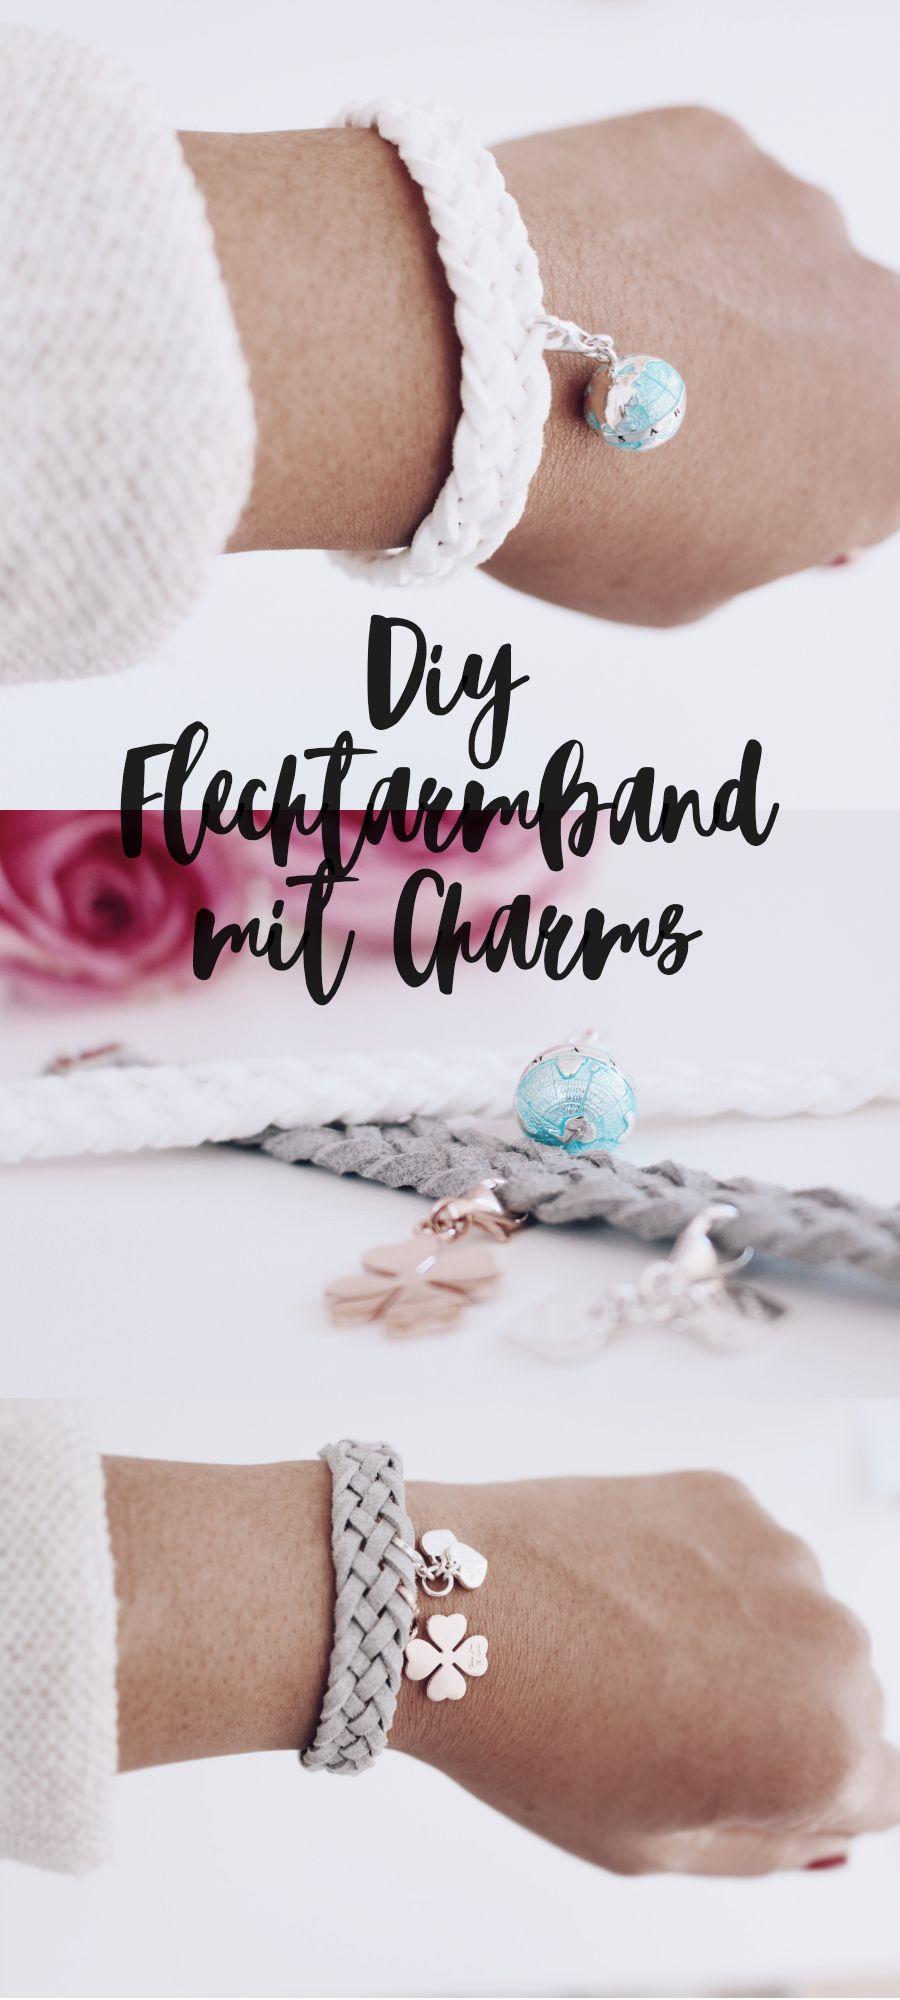 diy schmuck flechtarmbänder mit charms selber machen   armbänder